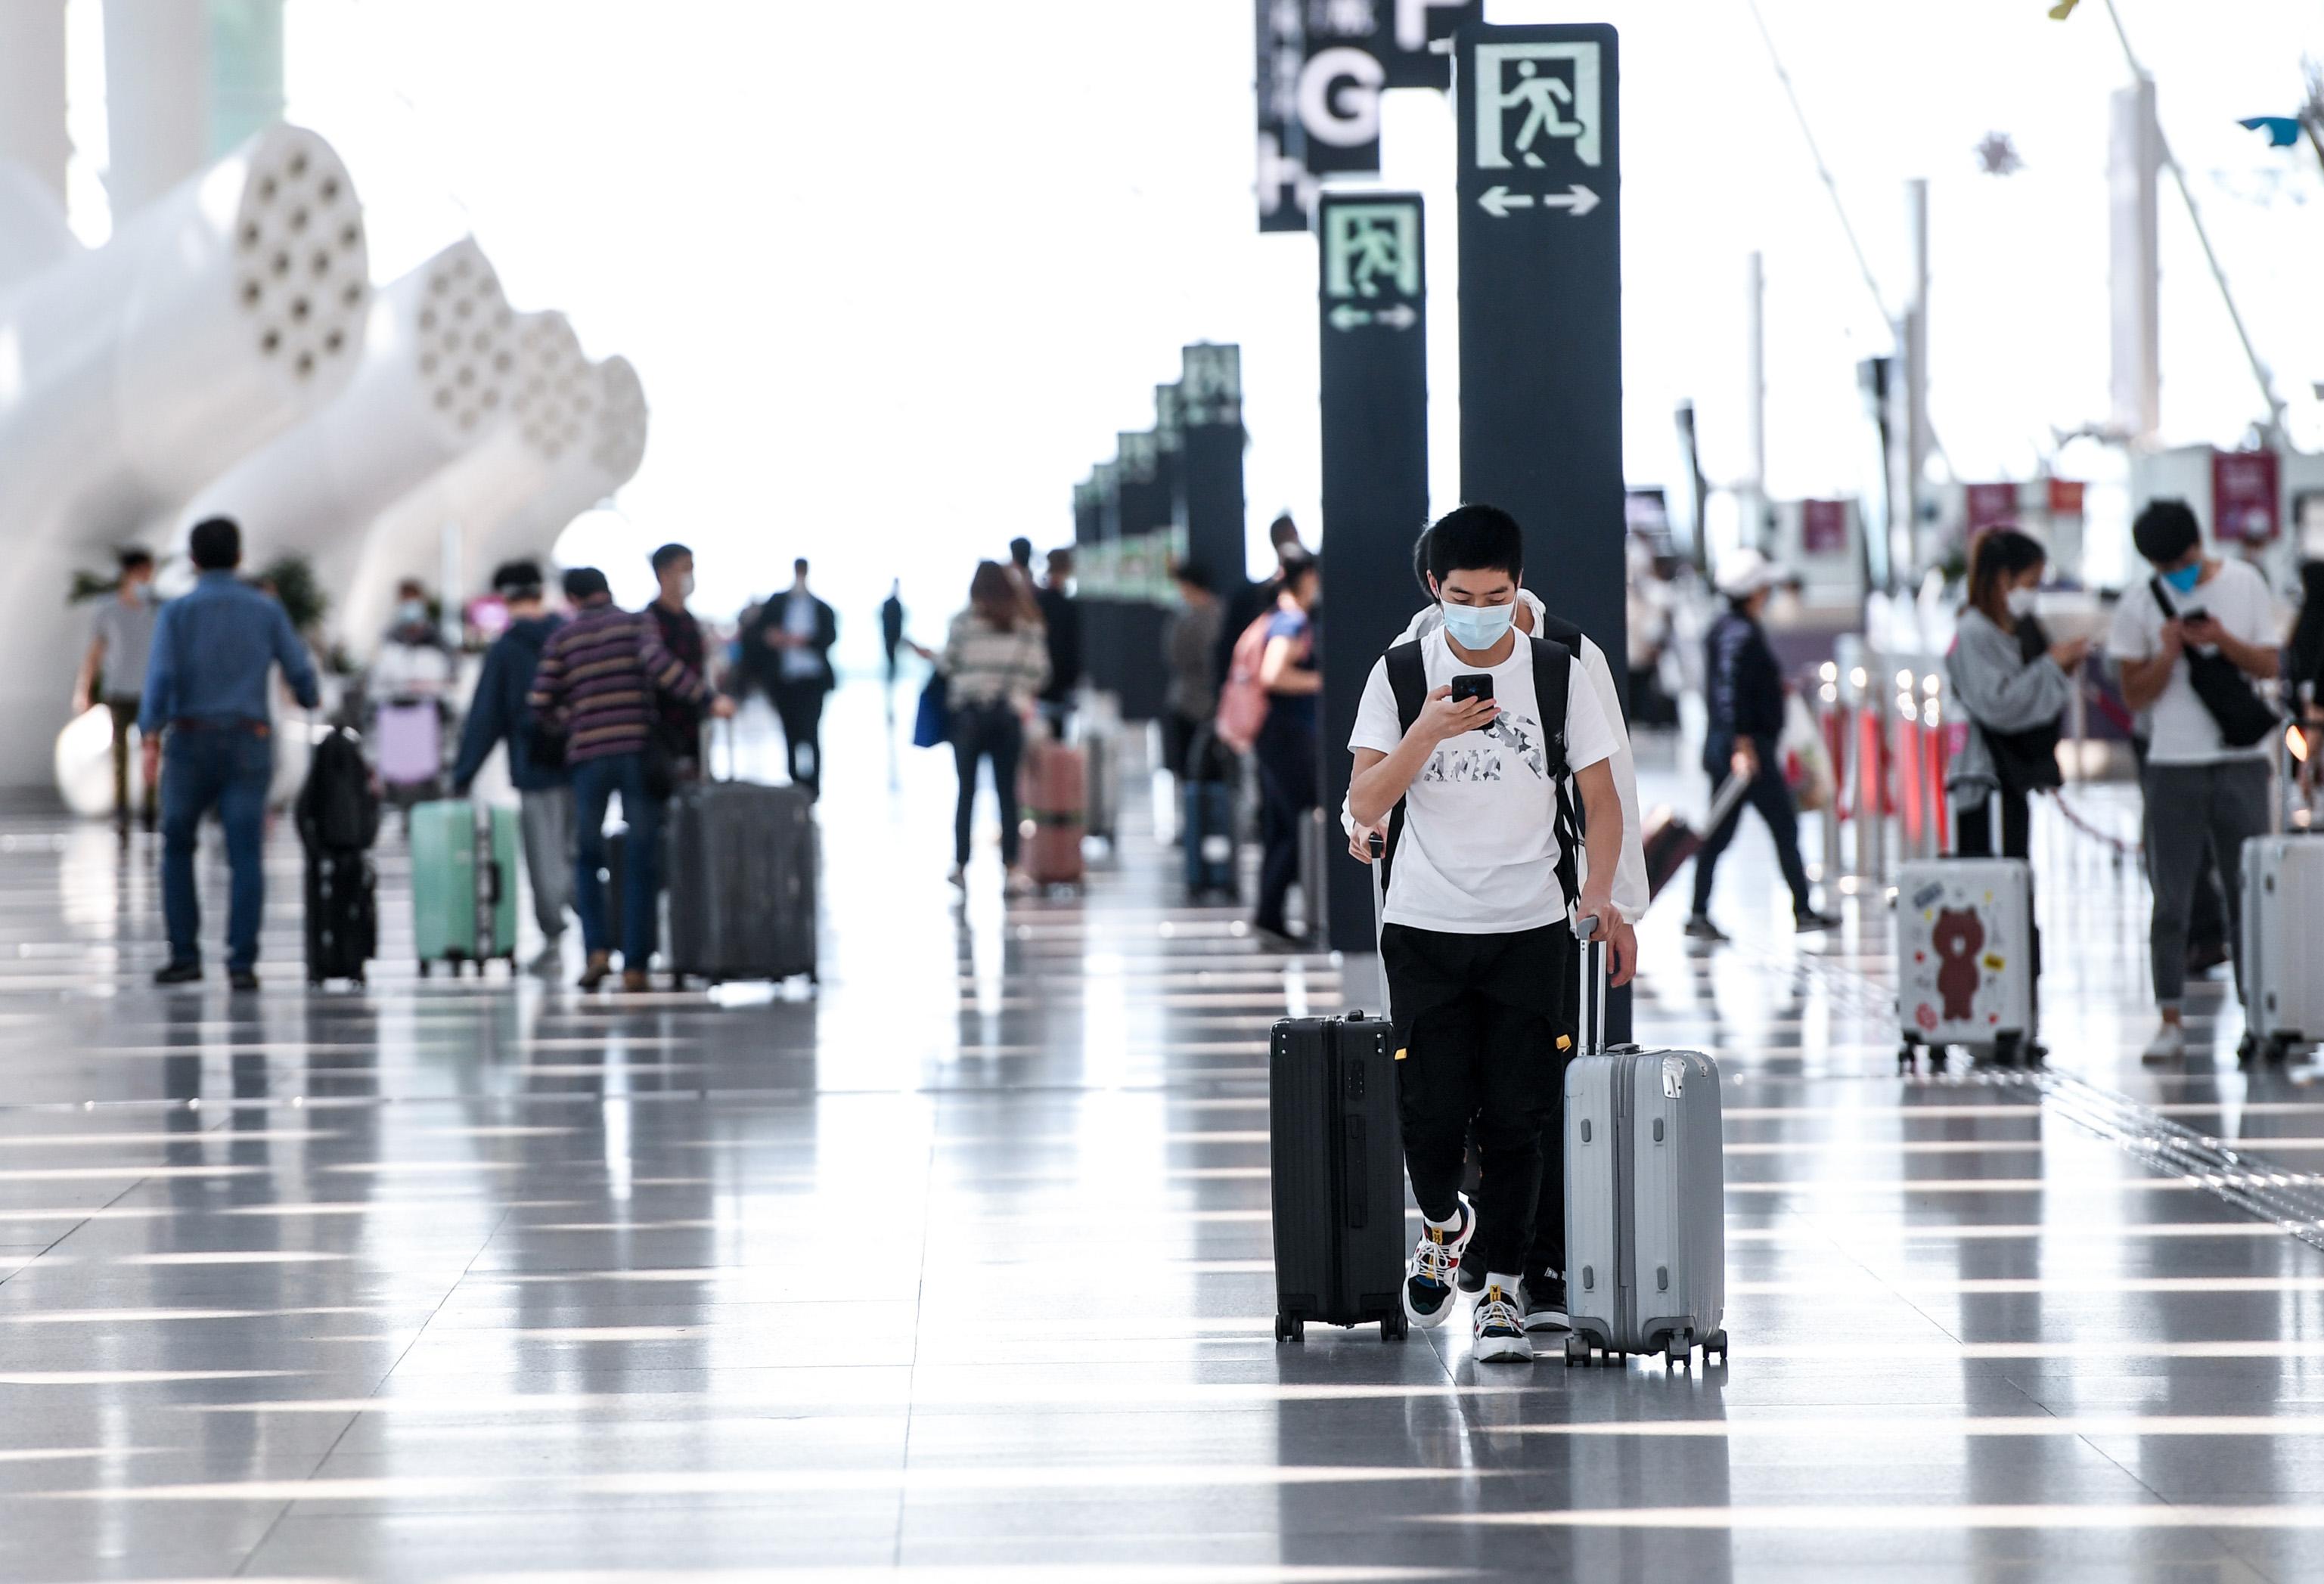 Aduanas chinas detectan infección de COVID-19 en 75 pasajeros entrantes